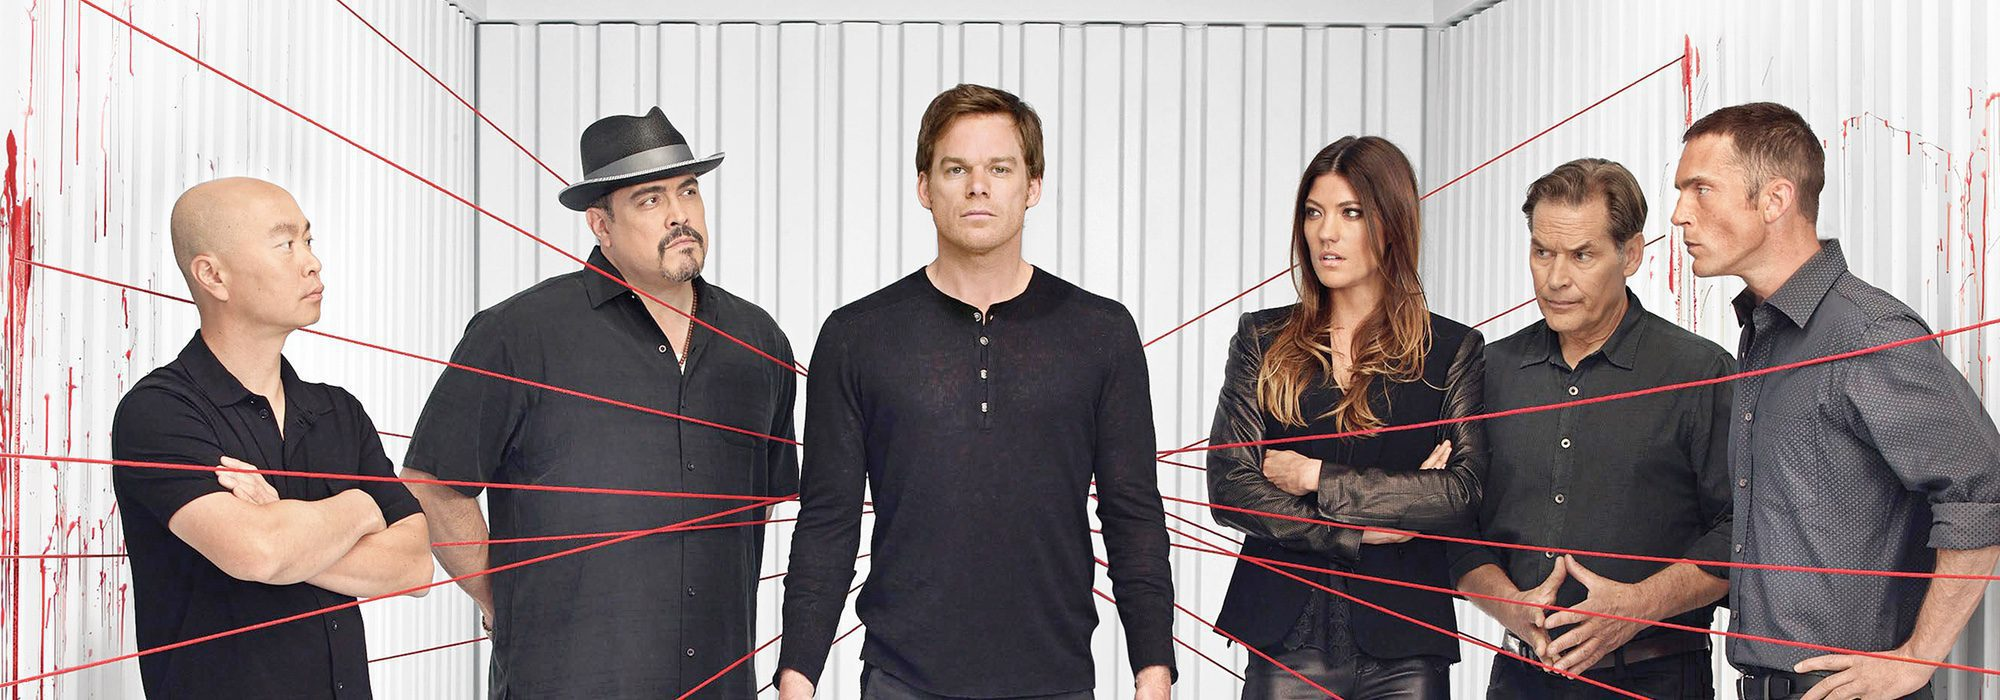 Capítulos Dexter: Todos los episodios